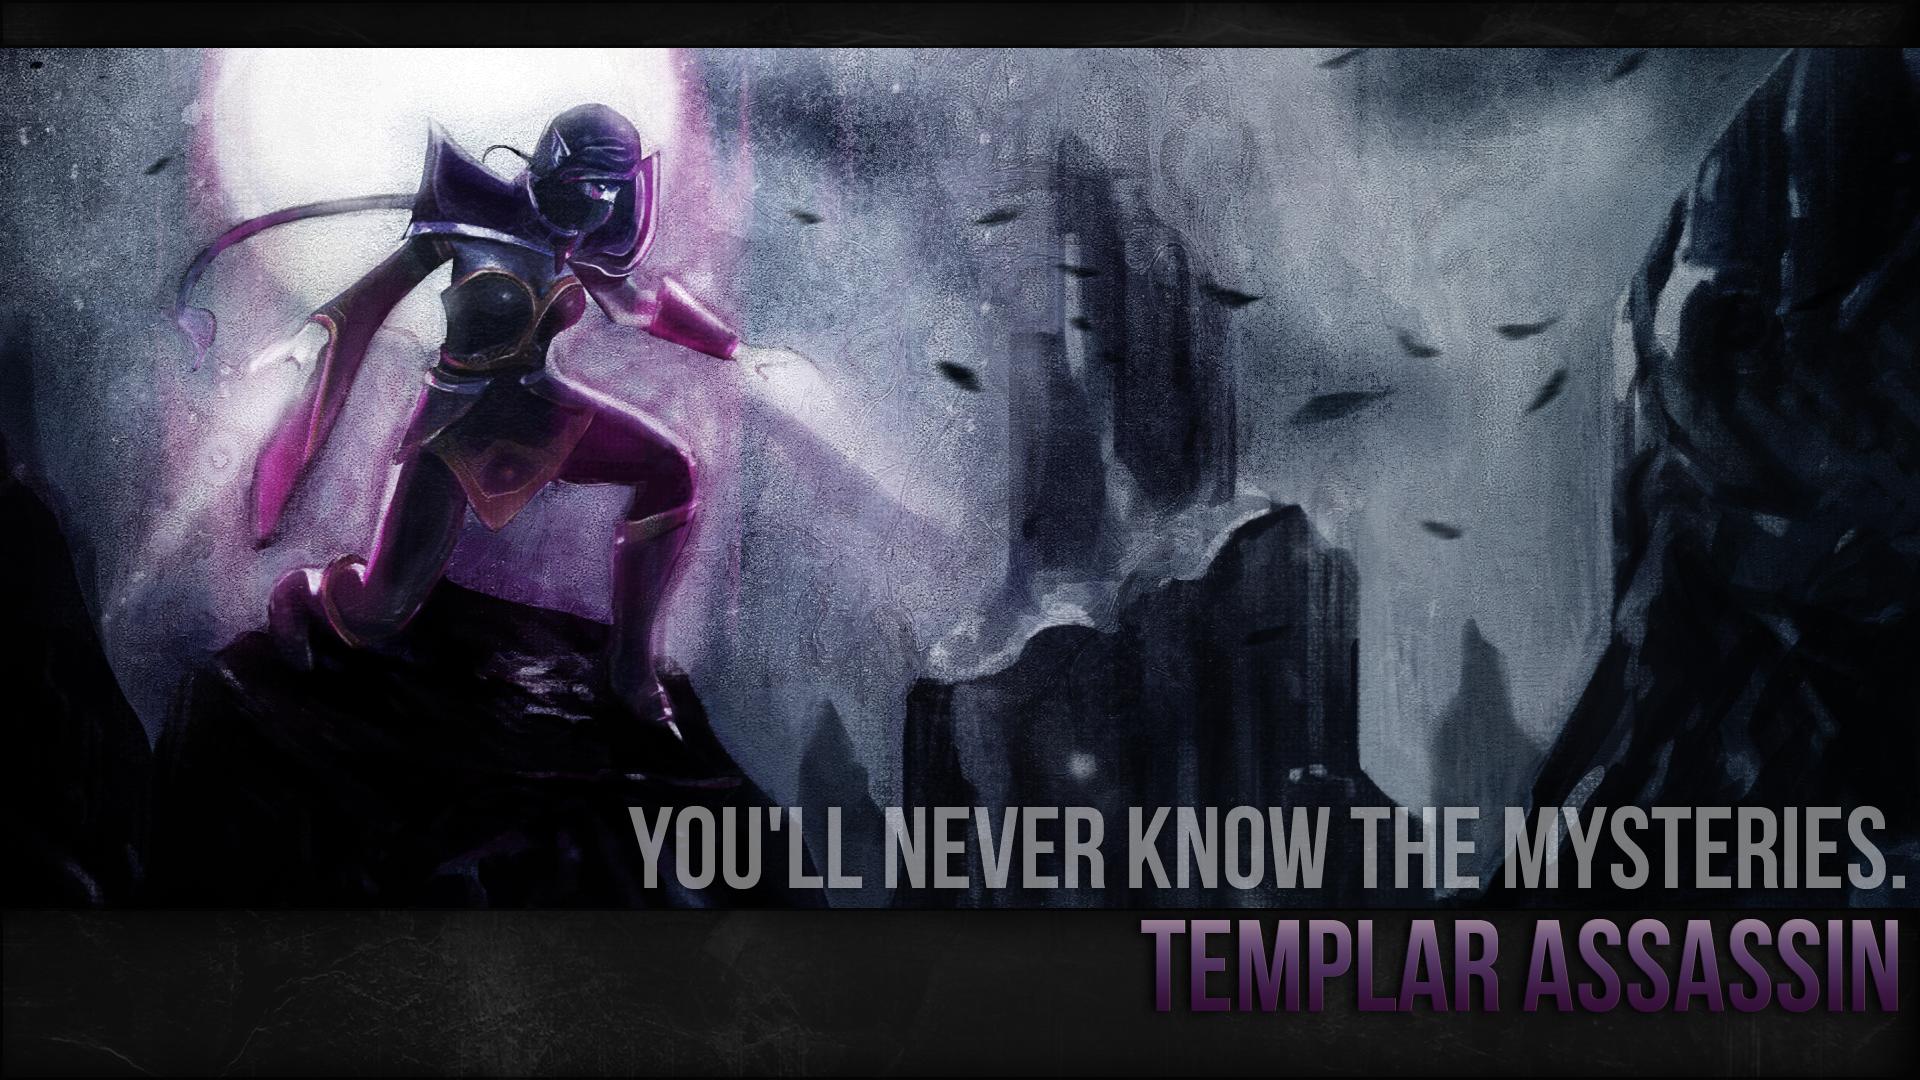 Templar Assassin Wallpaper By Imkb On Deviantart